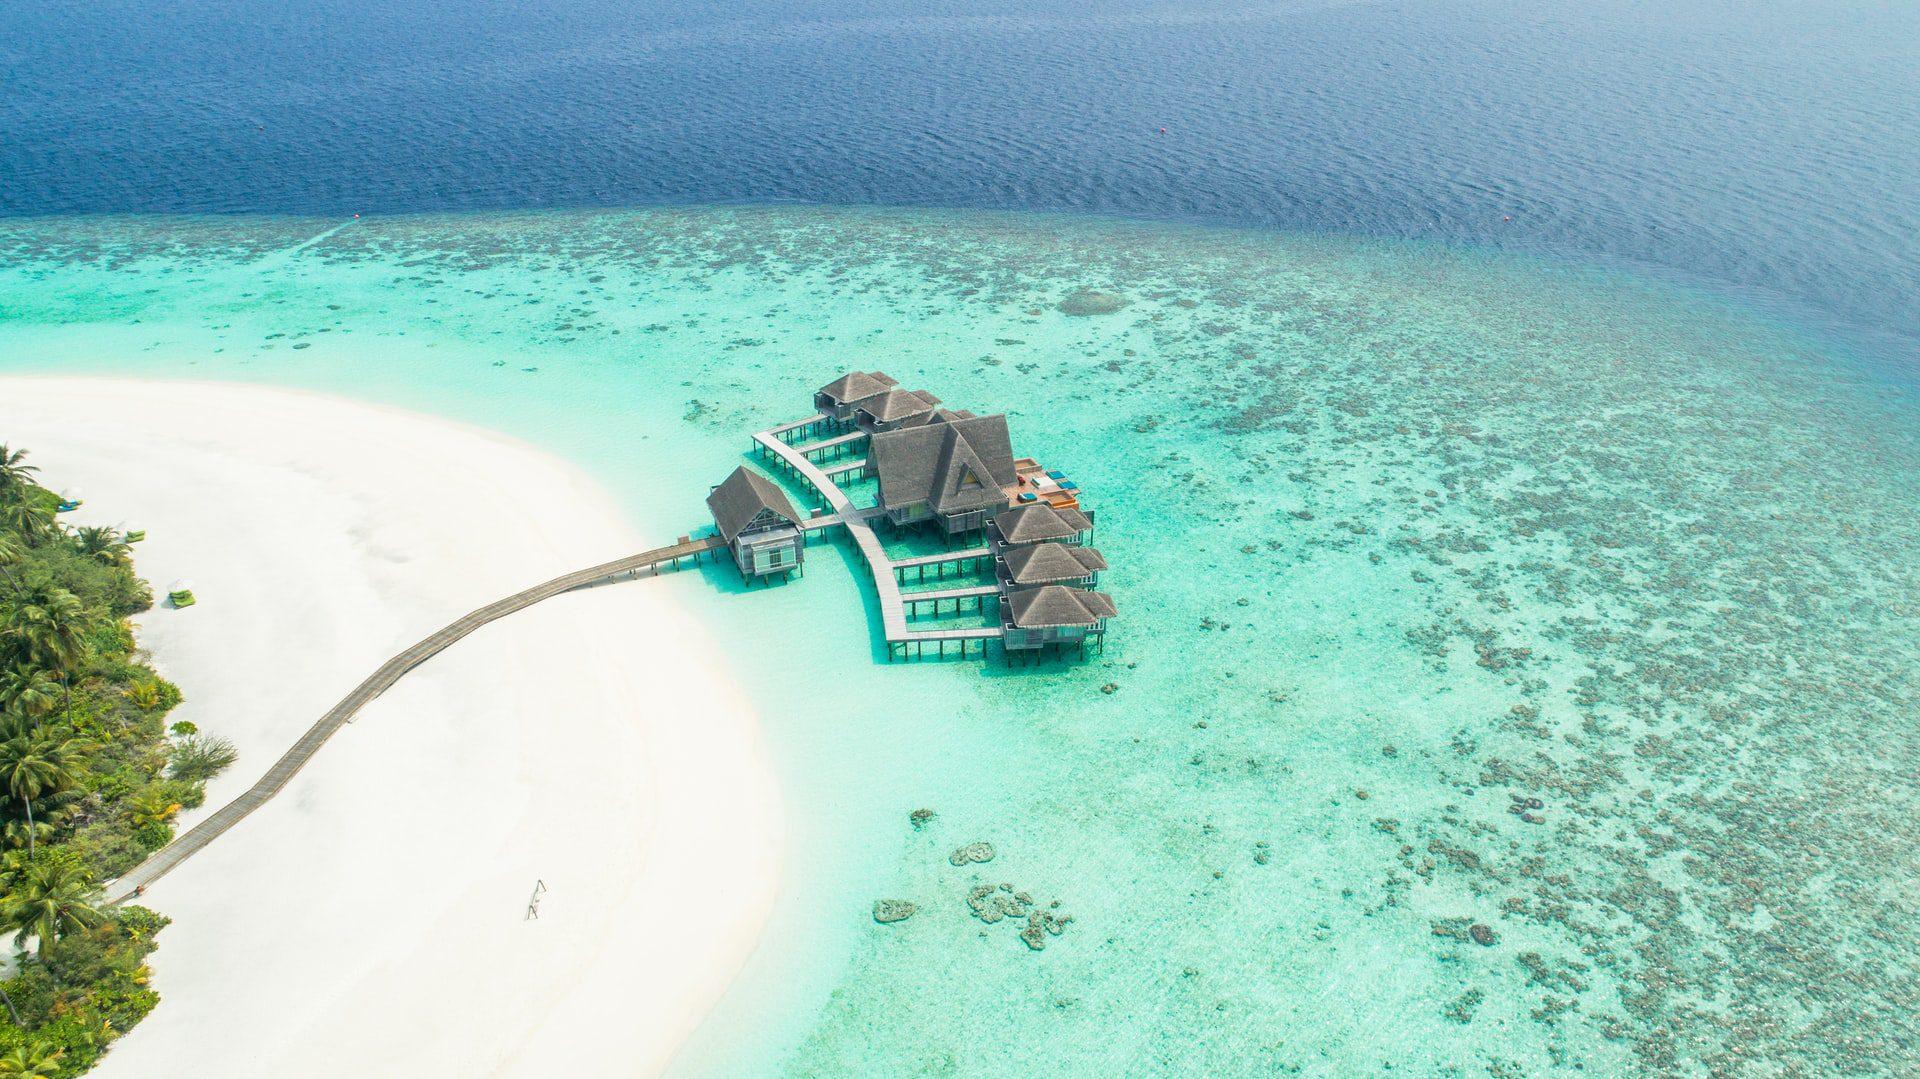 Découvrir l'un des plus beaux pays au monde : les Maldives